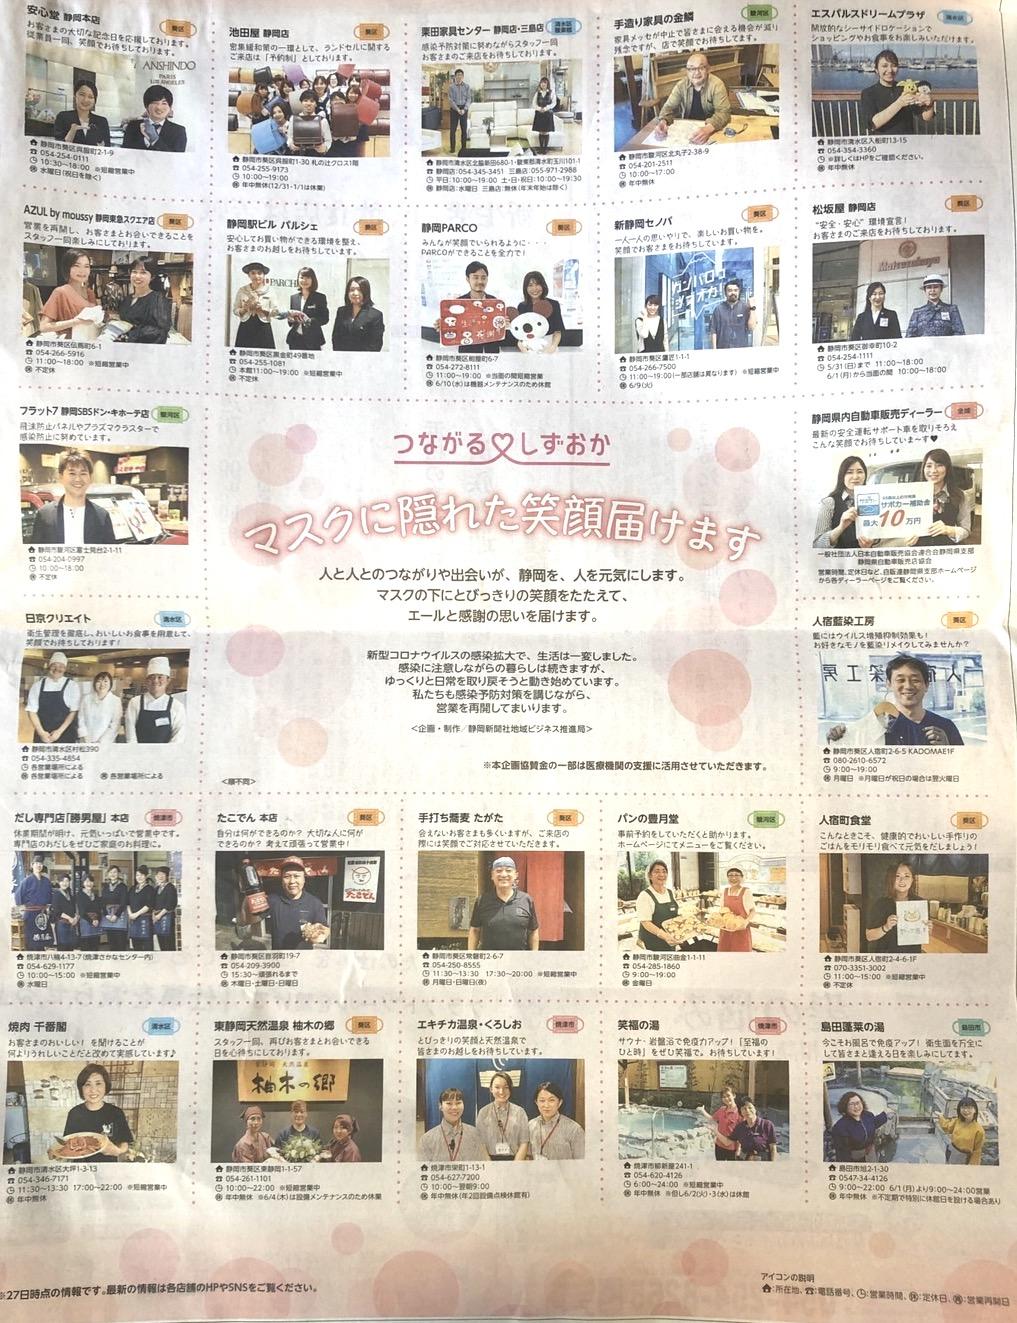 静岡新聞「マスクに隠れた笑顔届けます」より